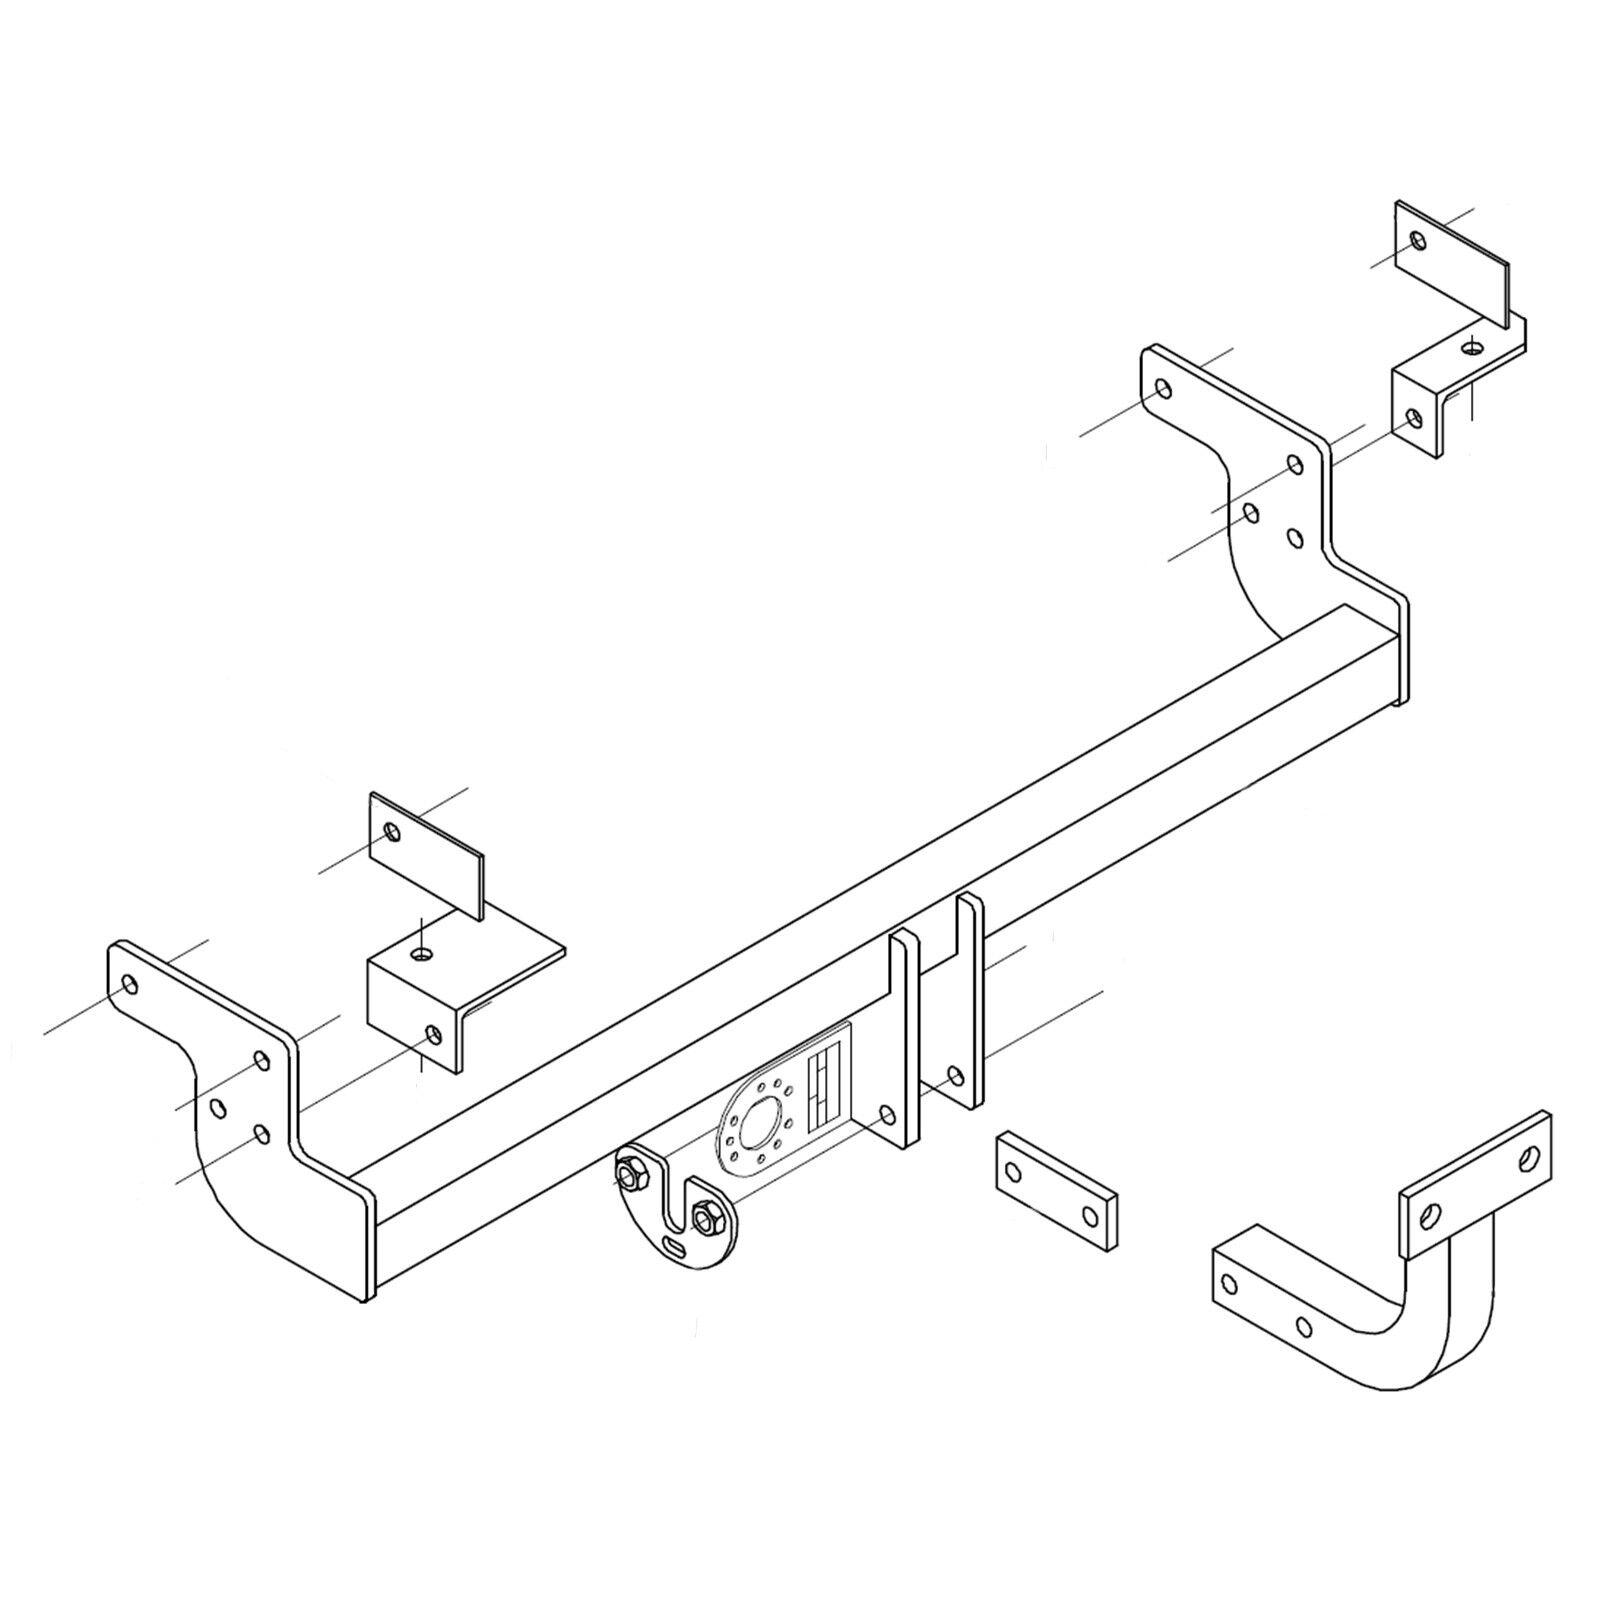 Mitsubishi Lancer Tow Bar Wiring Diagram